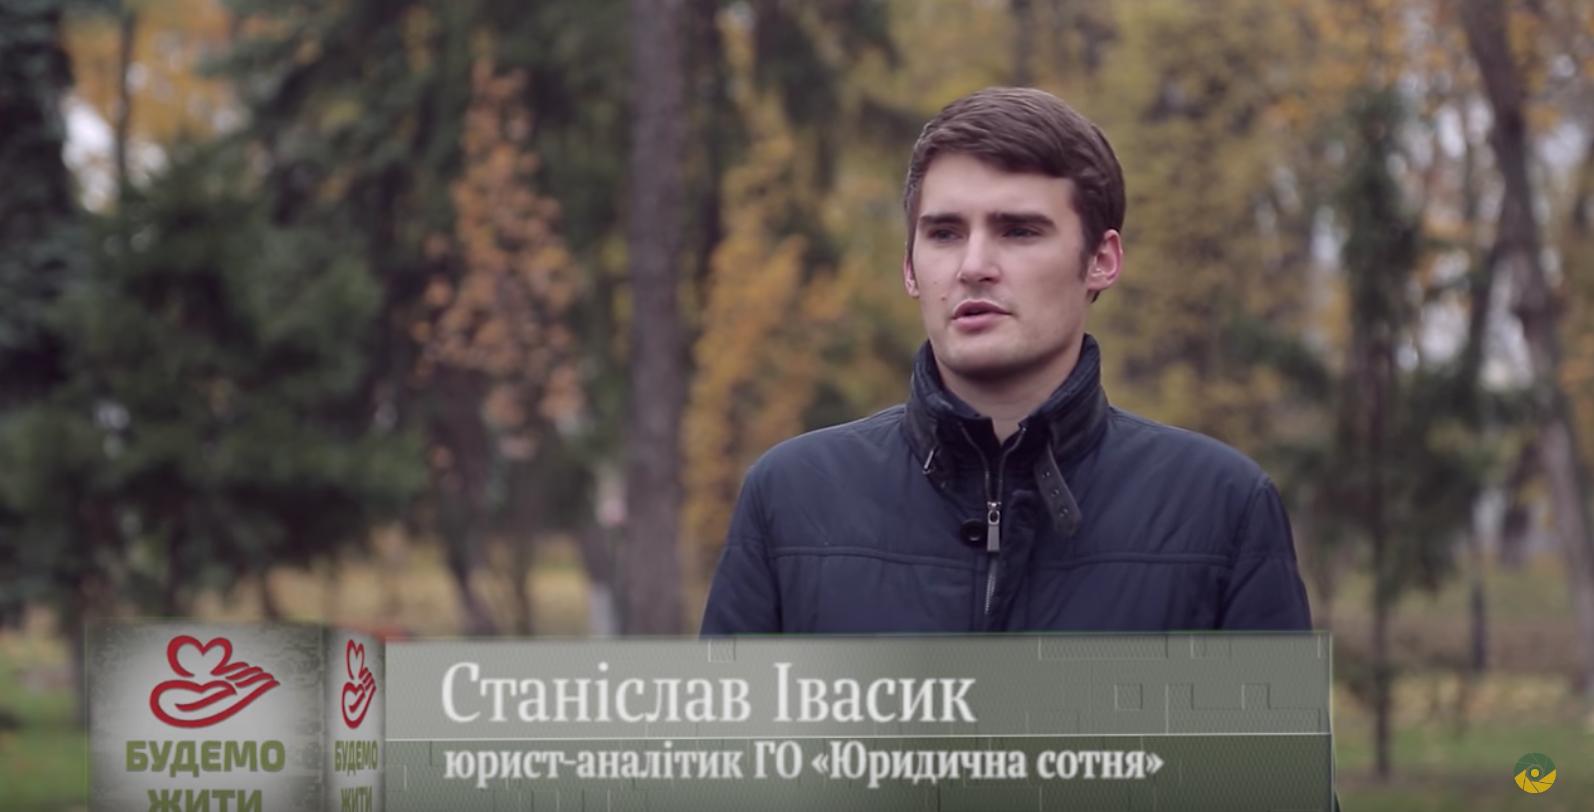 Грузинський національний легіон БУДЕМО ЖИТИ ІІІ сезон 12 програма